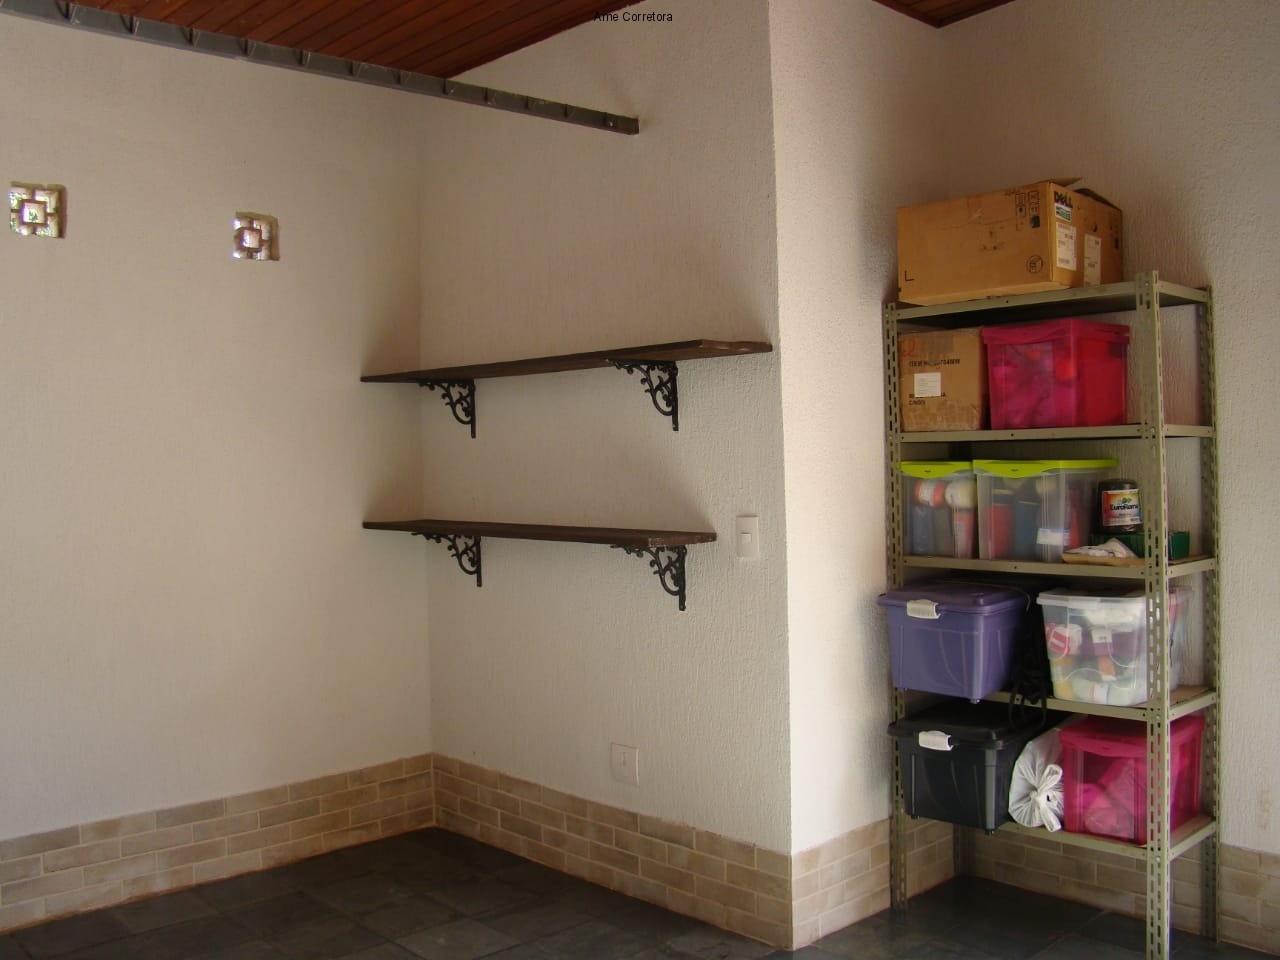 FOTO 07 - Casa 3 quartos à venda Guaratiba, Rio de Janeiro - R$ 350.000 - CA00784 - 8